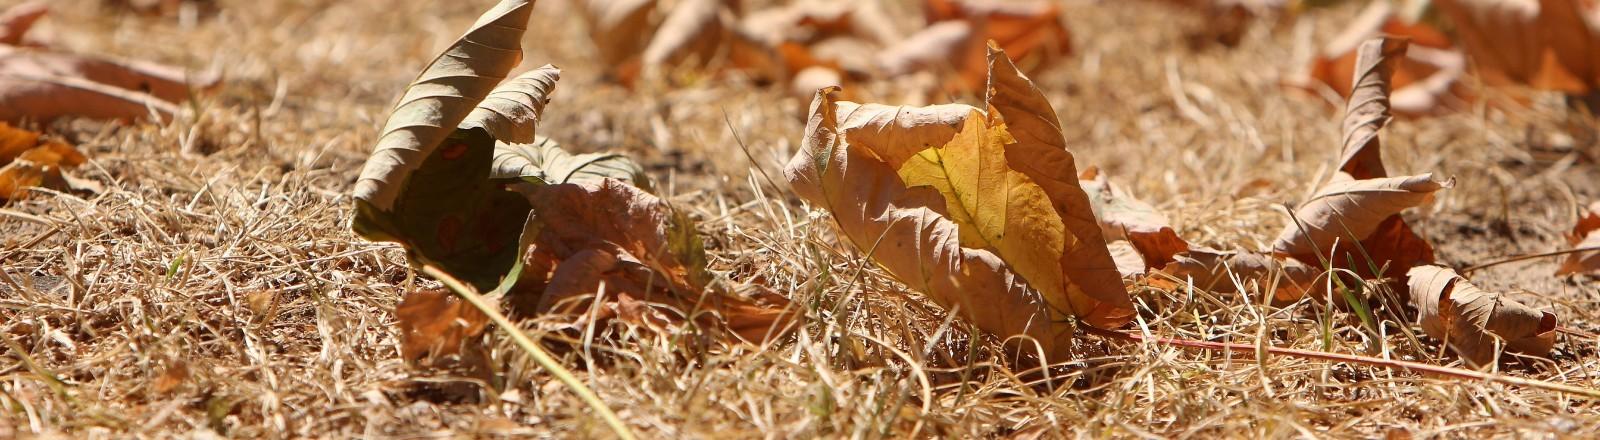 Vertrocknete Blätter liegen auf einer ausgedörrten Wiese.